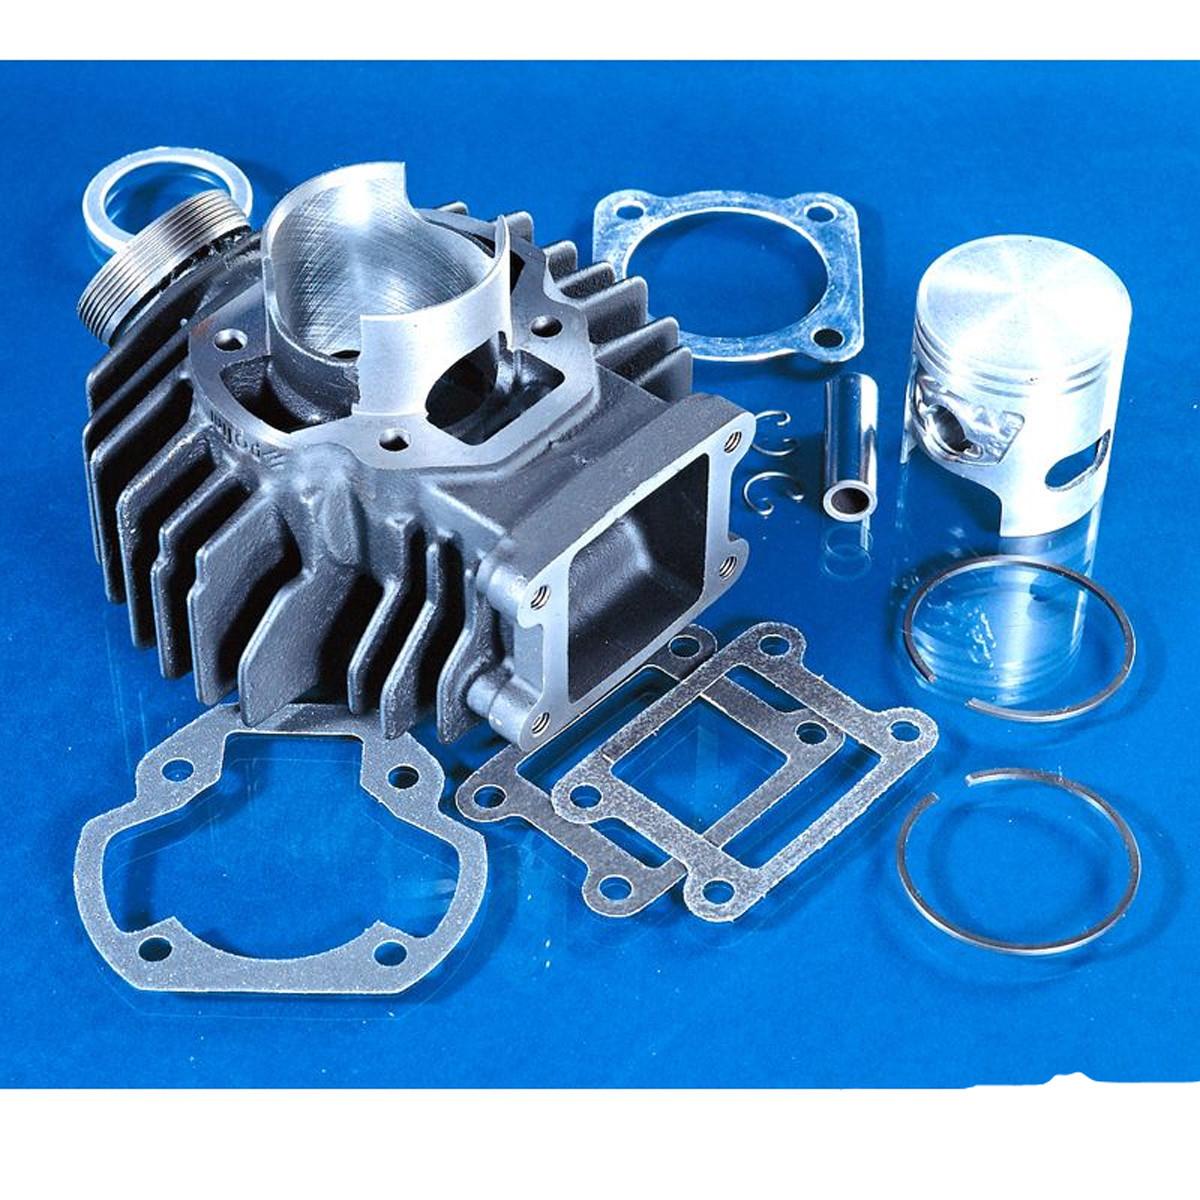 Cylindre Kit YAMAHA Chappy 70cc AC - POLINI Fonte